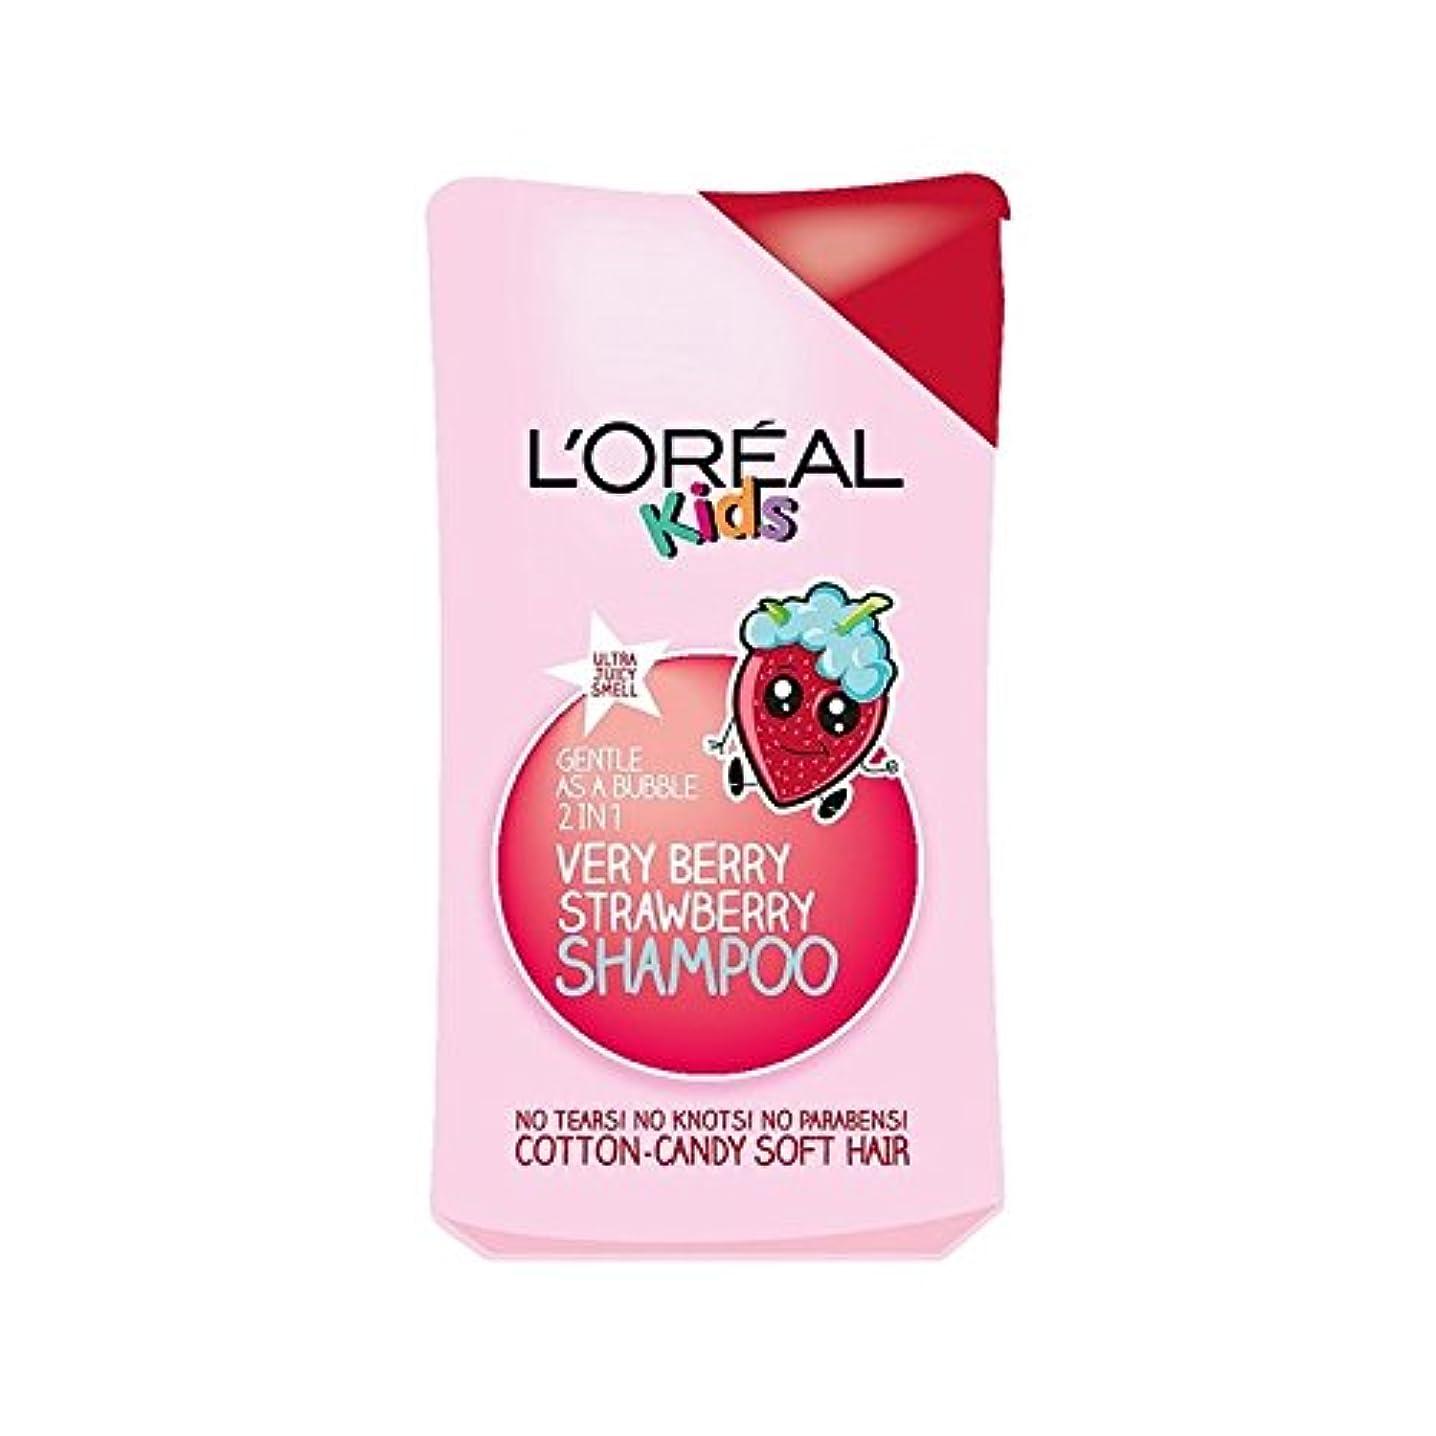 猟犬市民権モロニック1シャンプー250ミリリットル中の子供たちは非常にベリーストロベリー2 (L'Oreal) - L'Oreal Kids Very Berry Strawberry 2 in 1 Shampoo 250ml [並行輸入品]